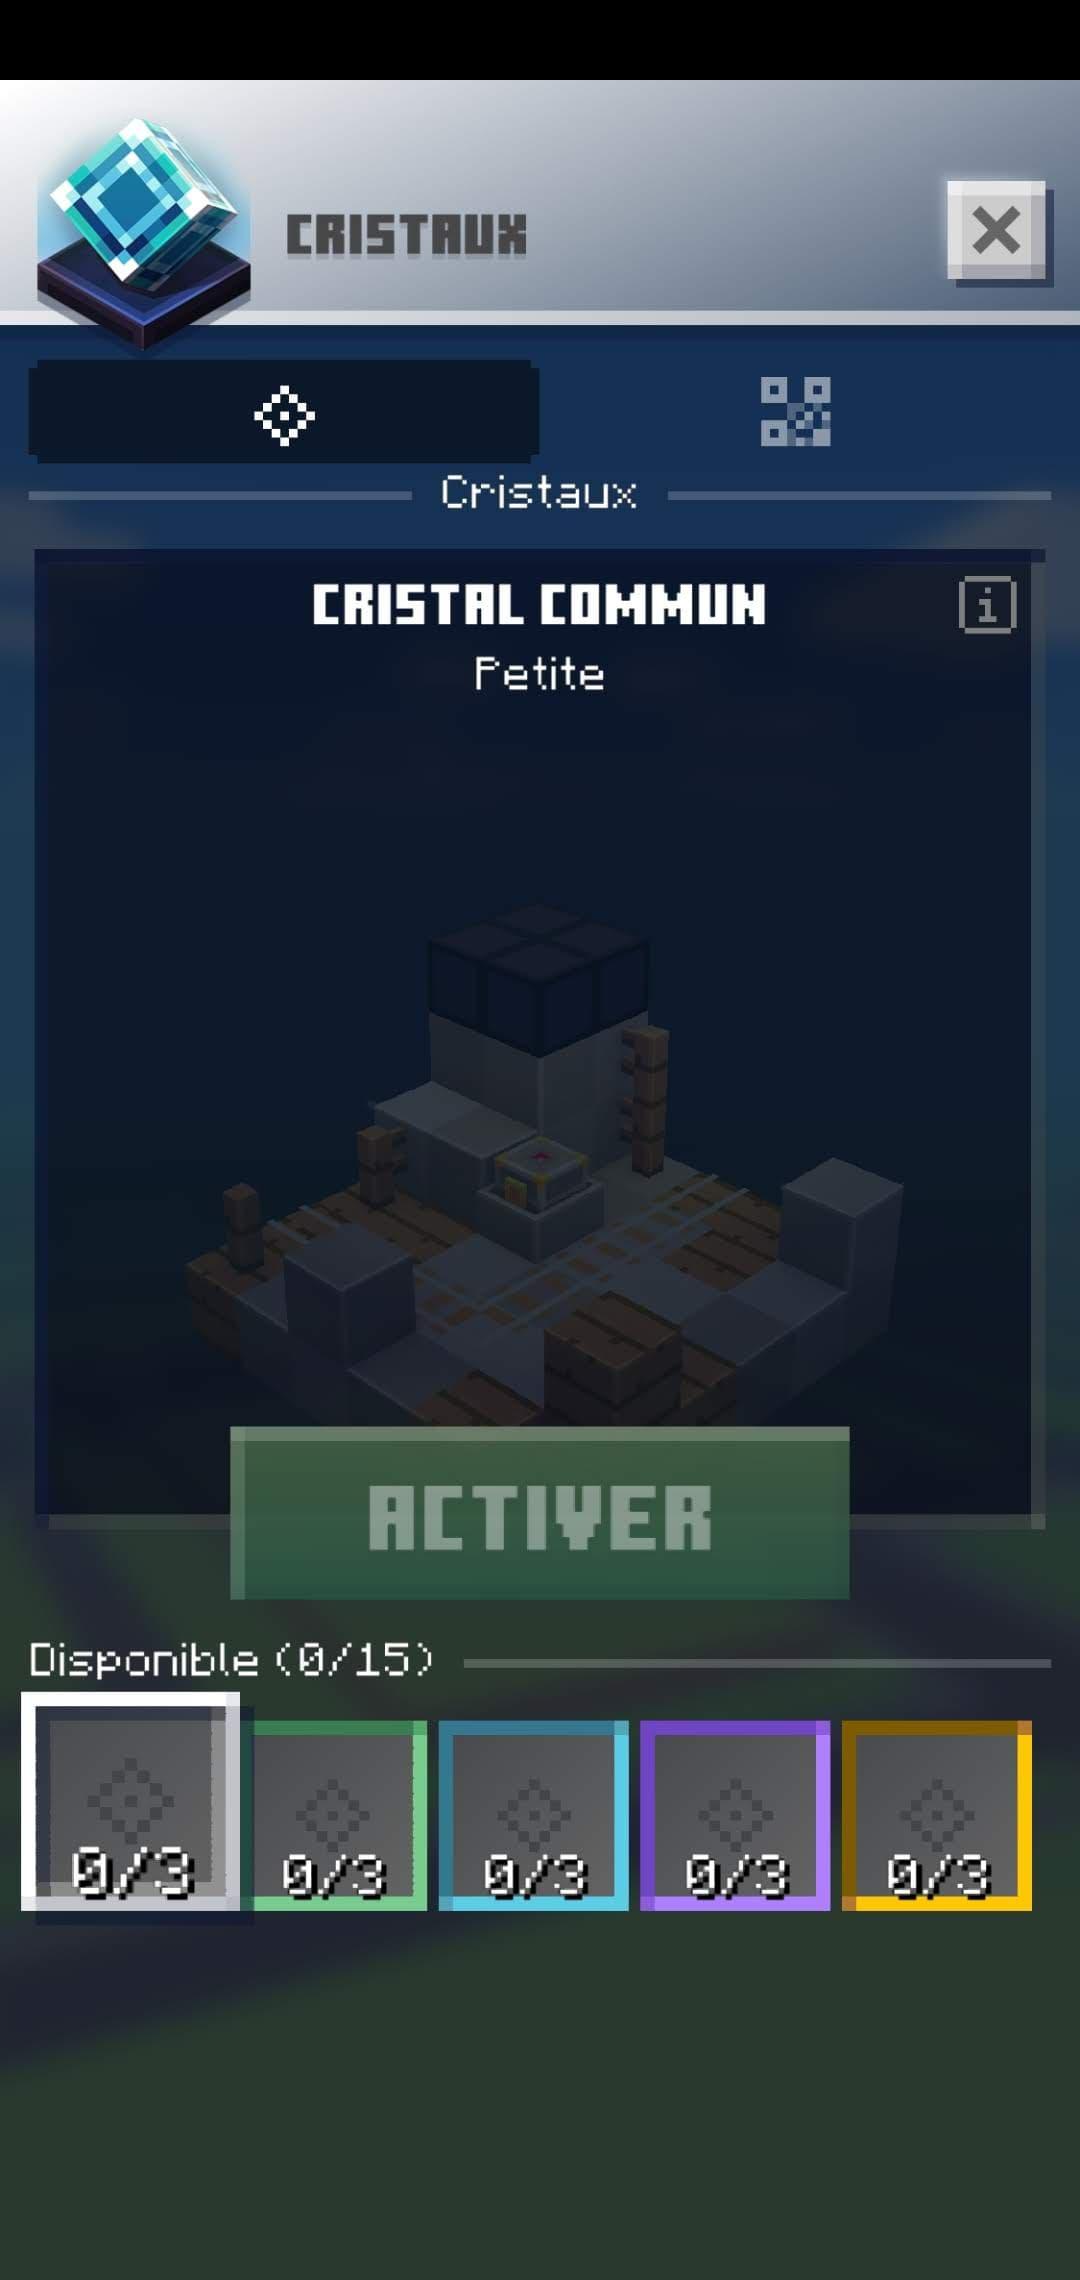 Les cristaux dans Minecraft Earth